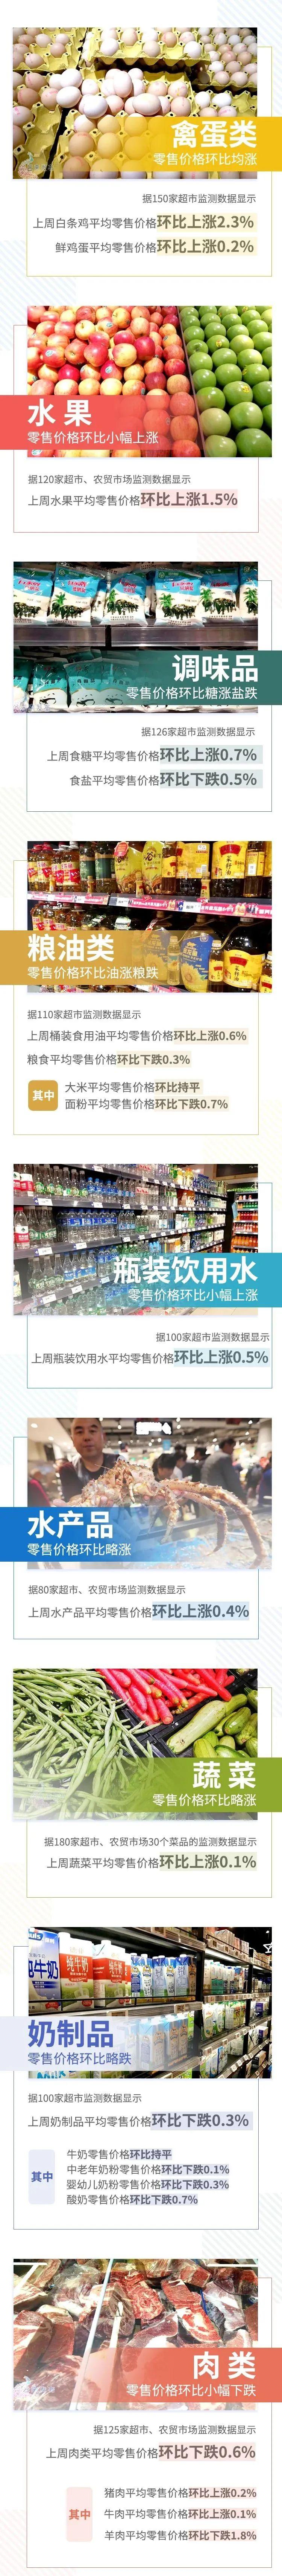 【民生】8涨4跌!图片